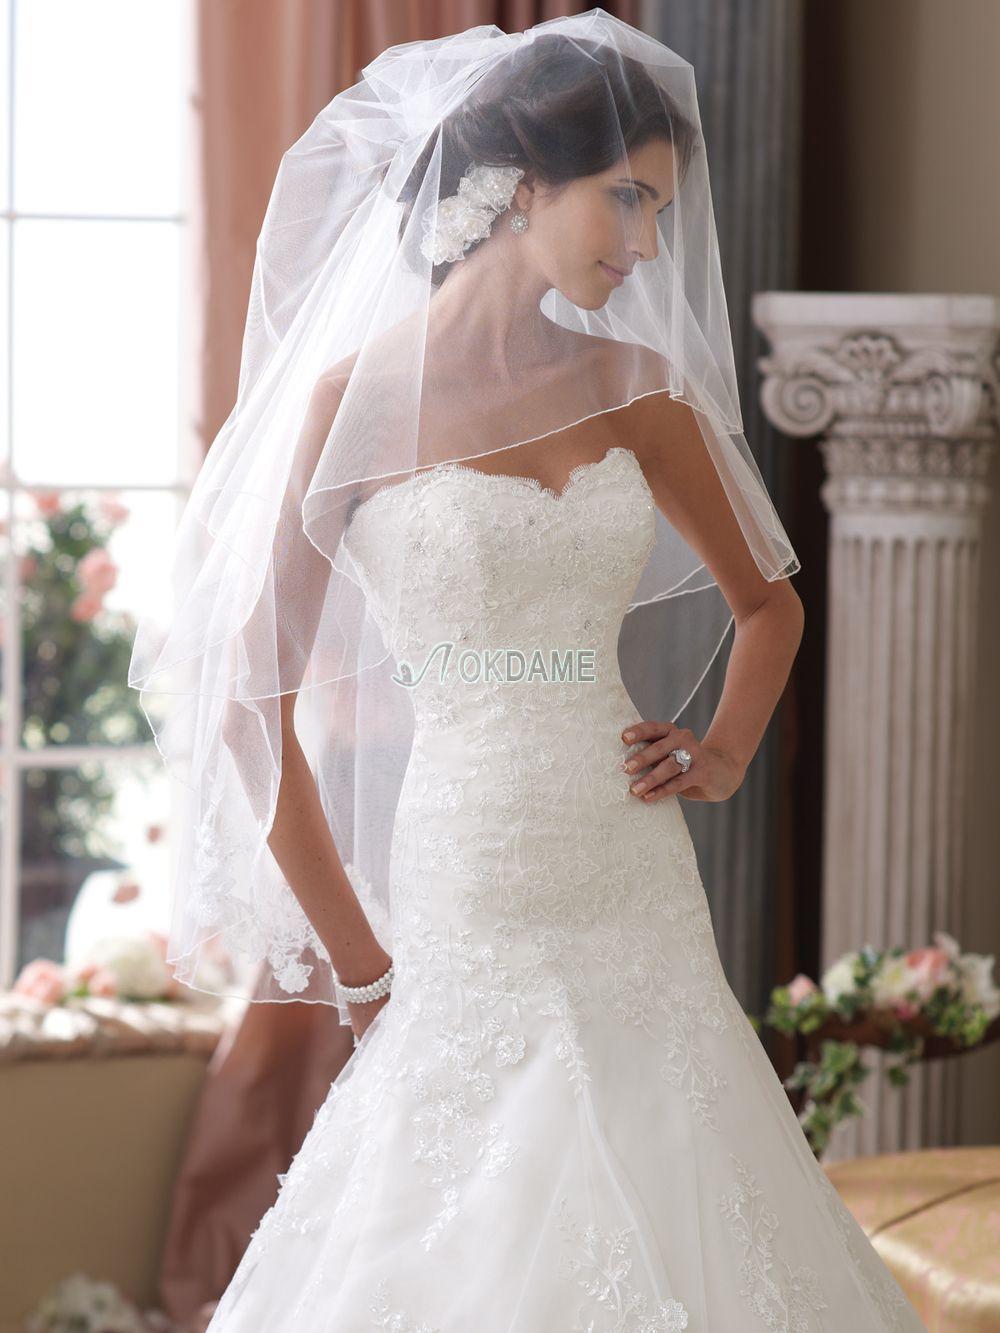 Sanduhrförmiges Herz-Ausschnitt besonderes extravagantes Brautkleid ...